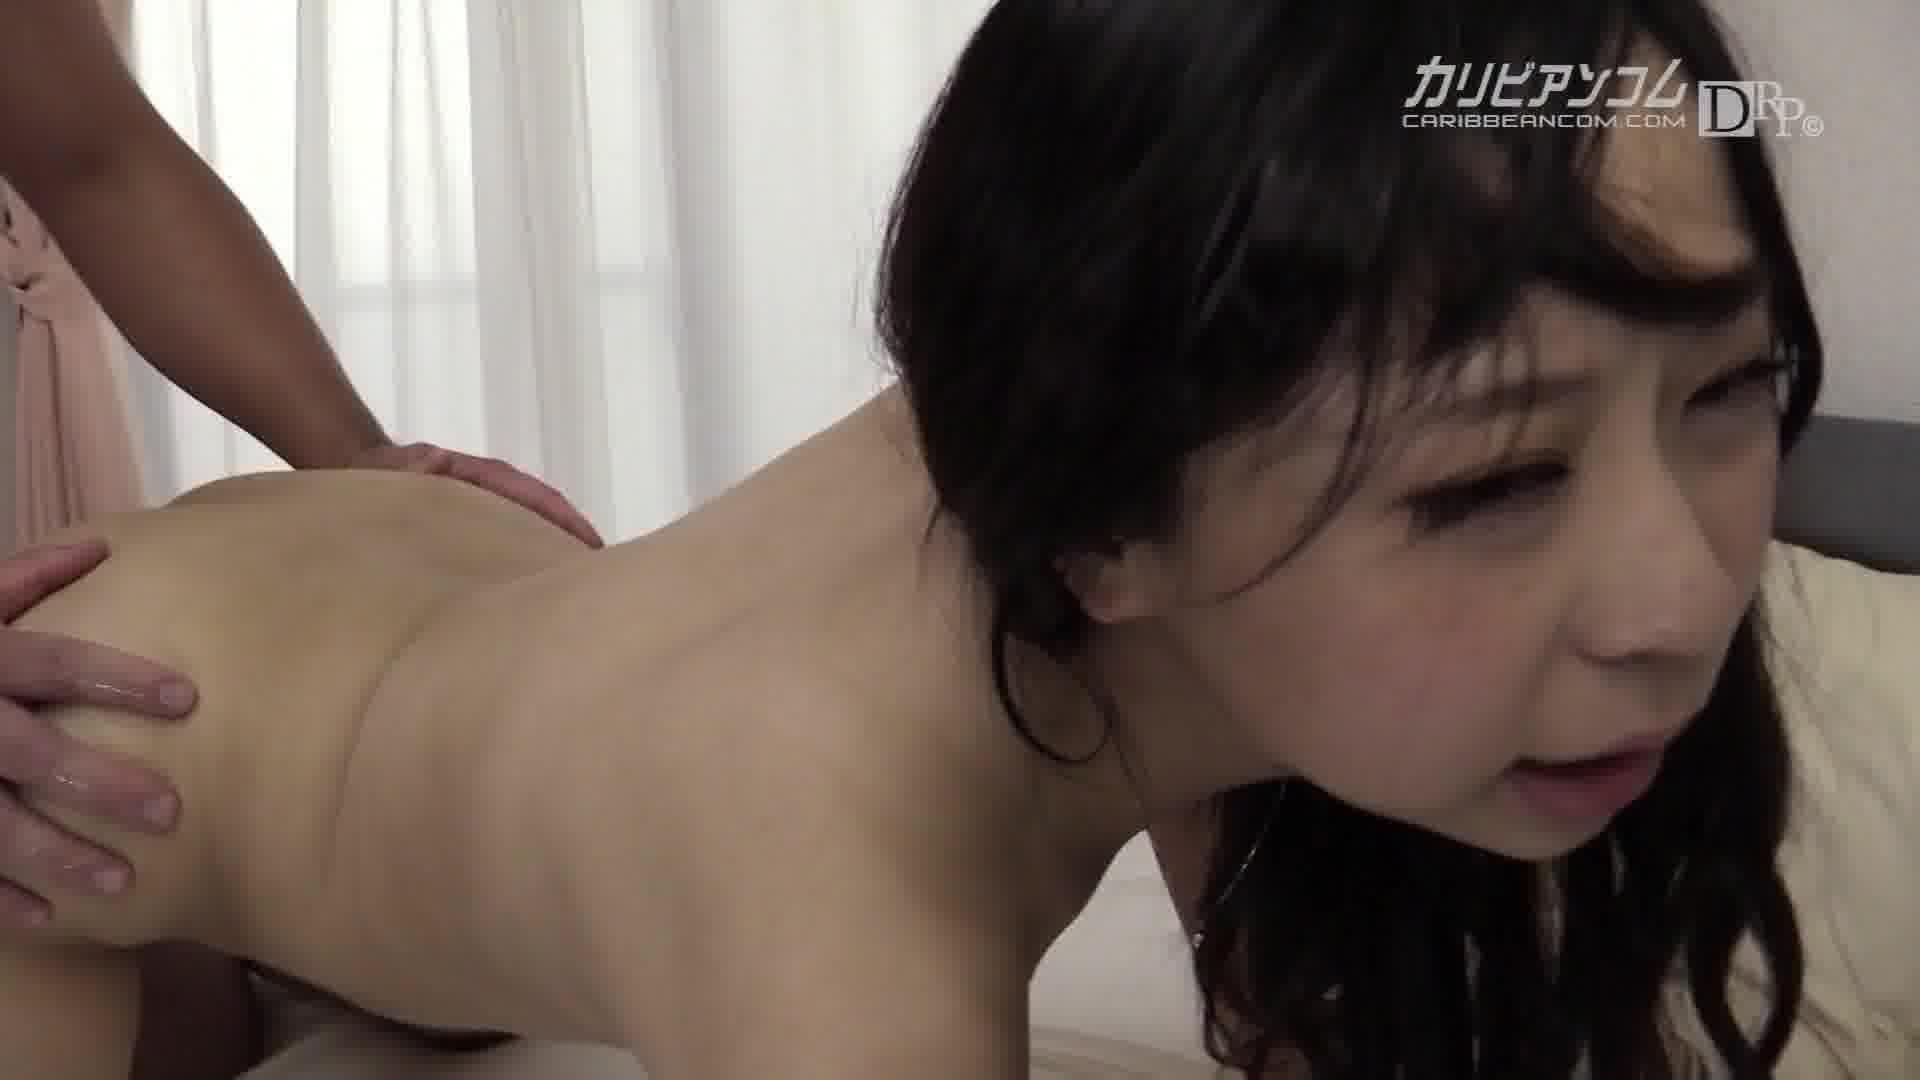 鬼イキトランス11 - 中西早貴【潮吹き・バイブ・ハード系】